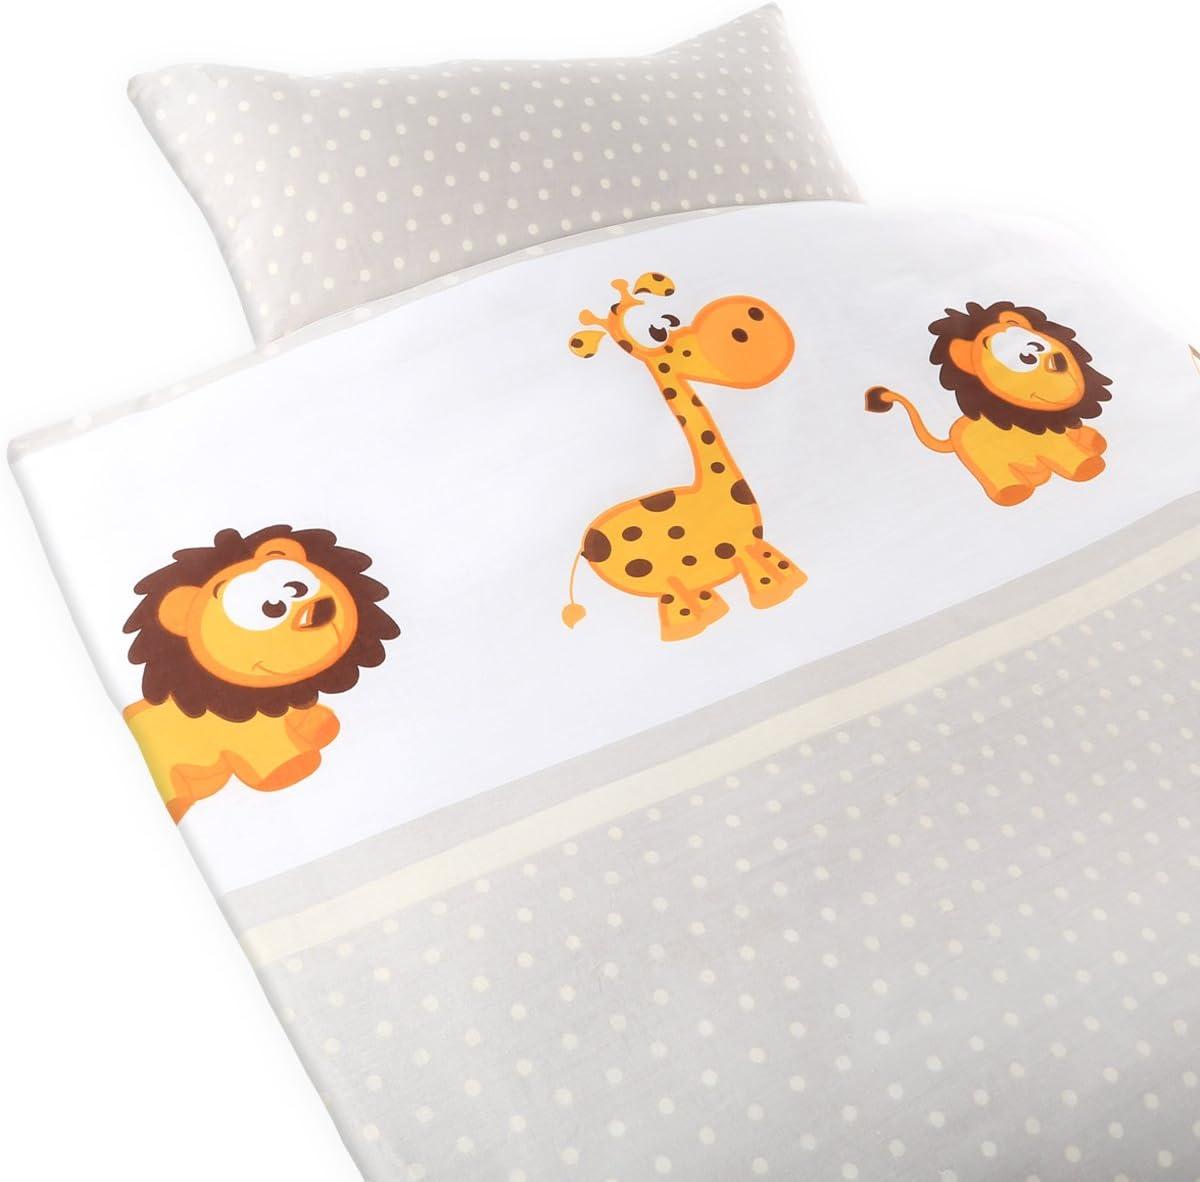 Gräfenstayn® 2 piezas Juego de cama para niños con motivos de animales y cremallera integrada hecha de 100% algodón, funda nórdica de 135x100 cm y funda de almohada de 60 x 40cm (Jirafa & León)